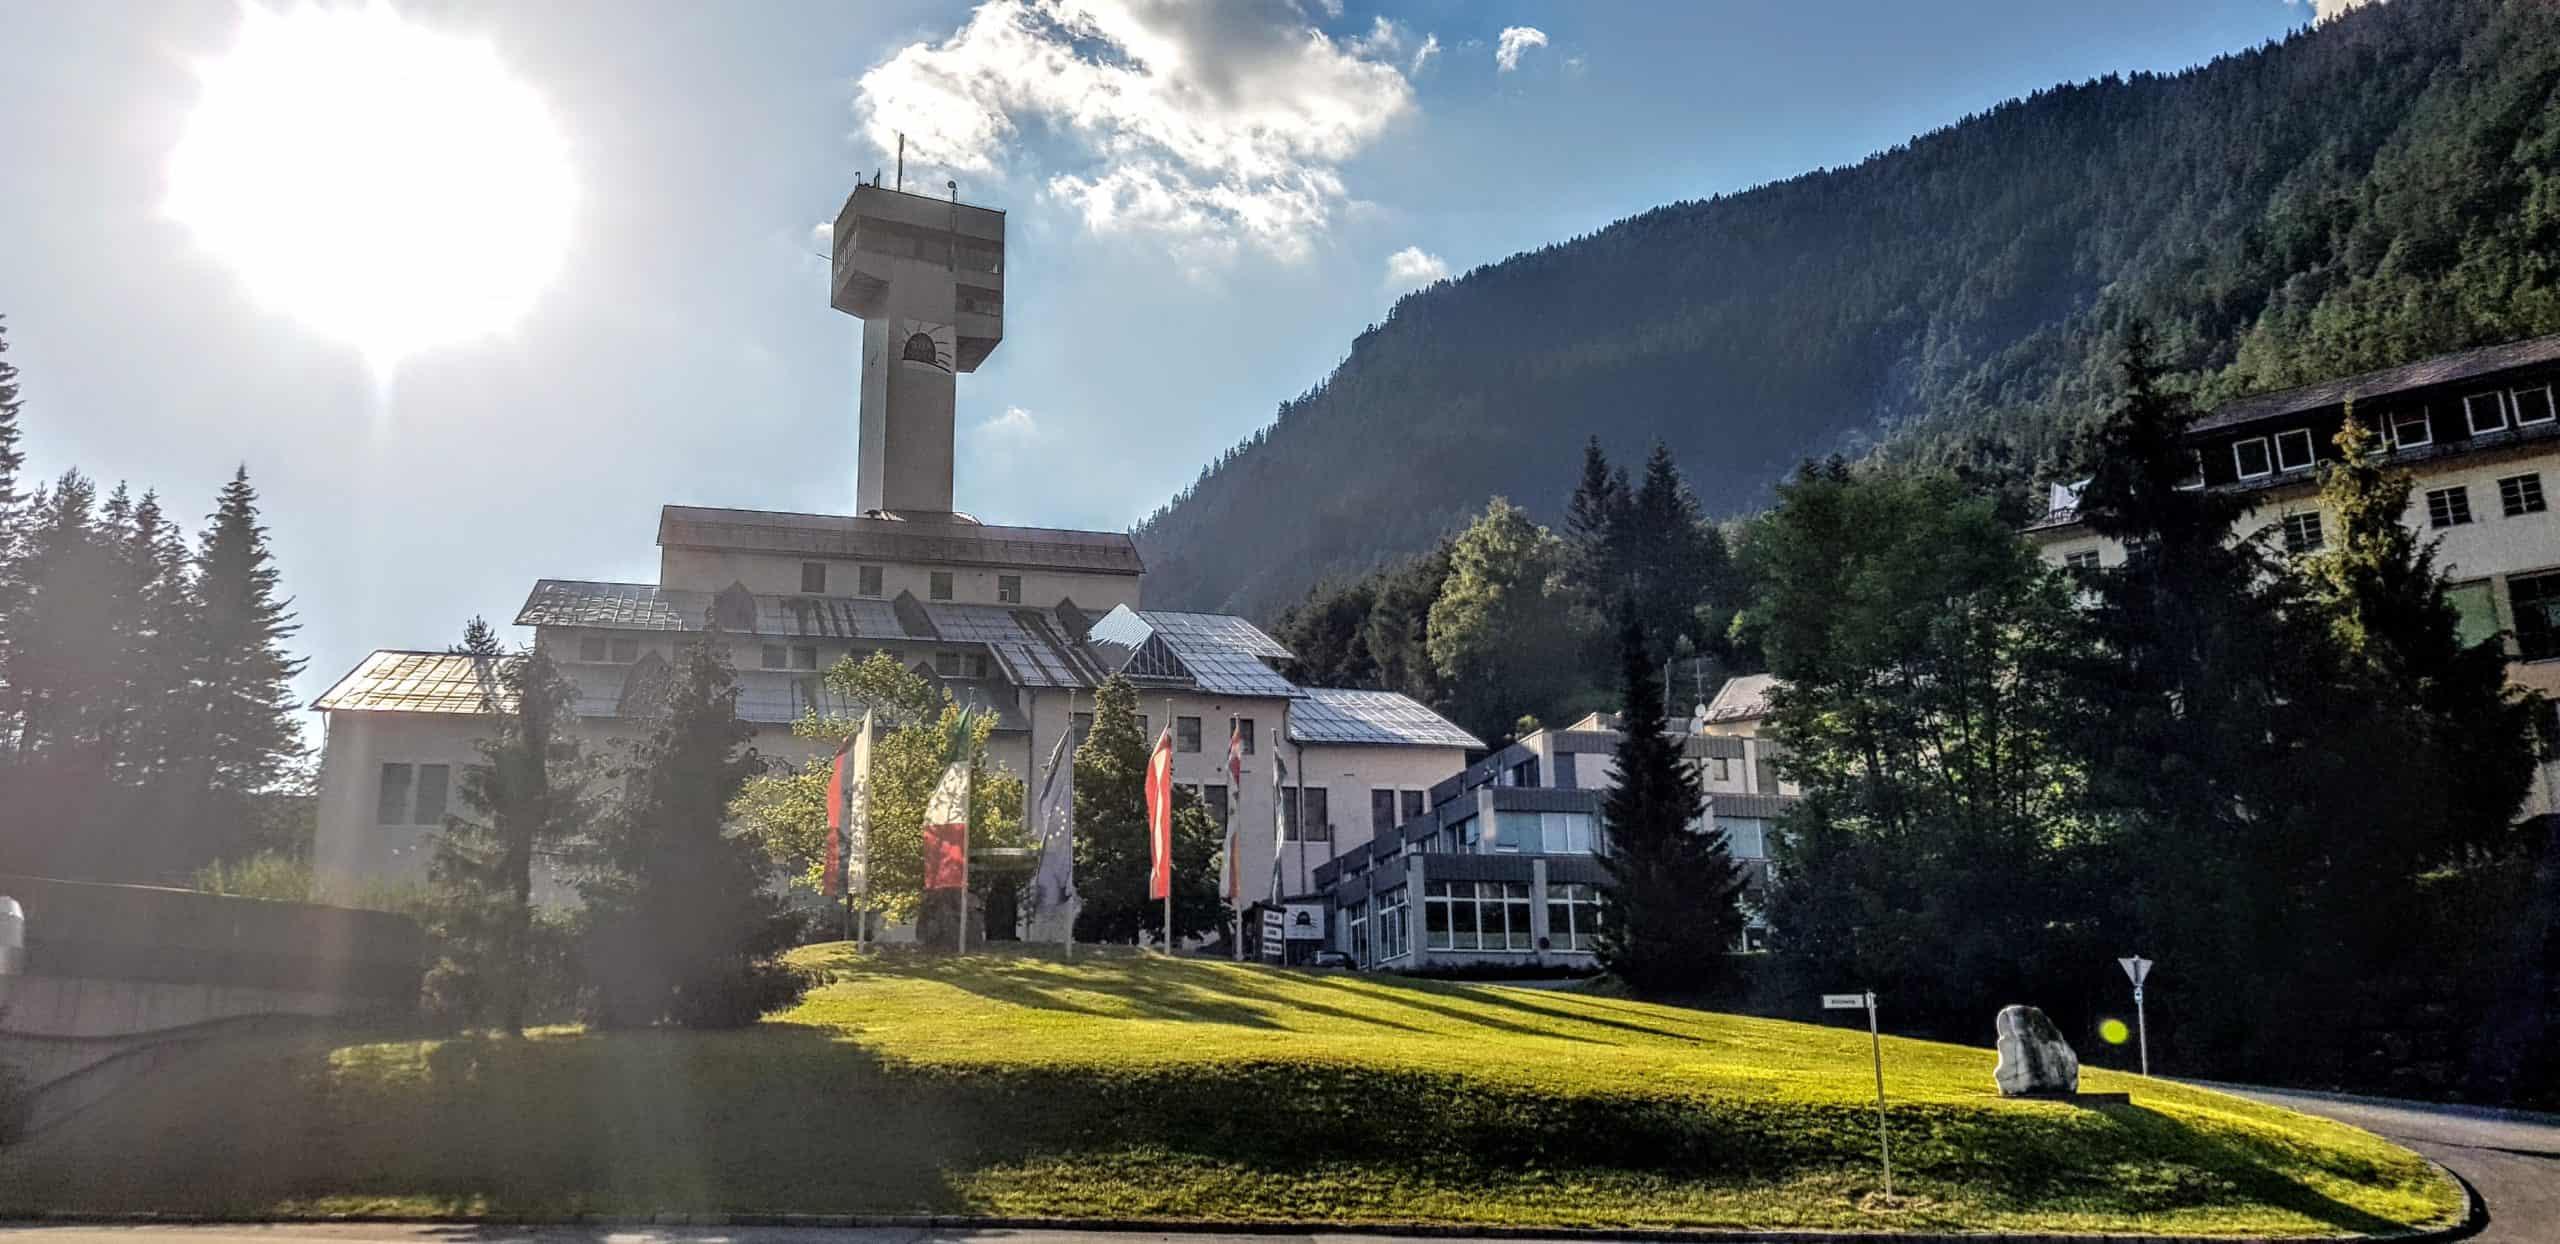 Familienausflugsziel Region Villach - Schaubergwerk Terra Mystica